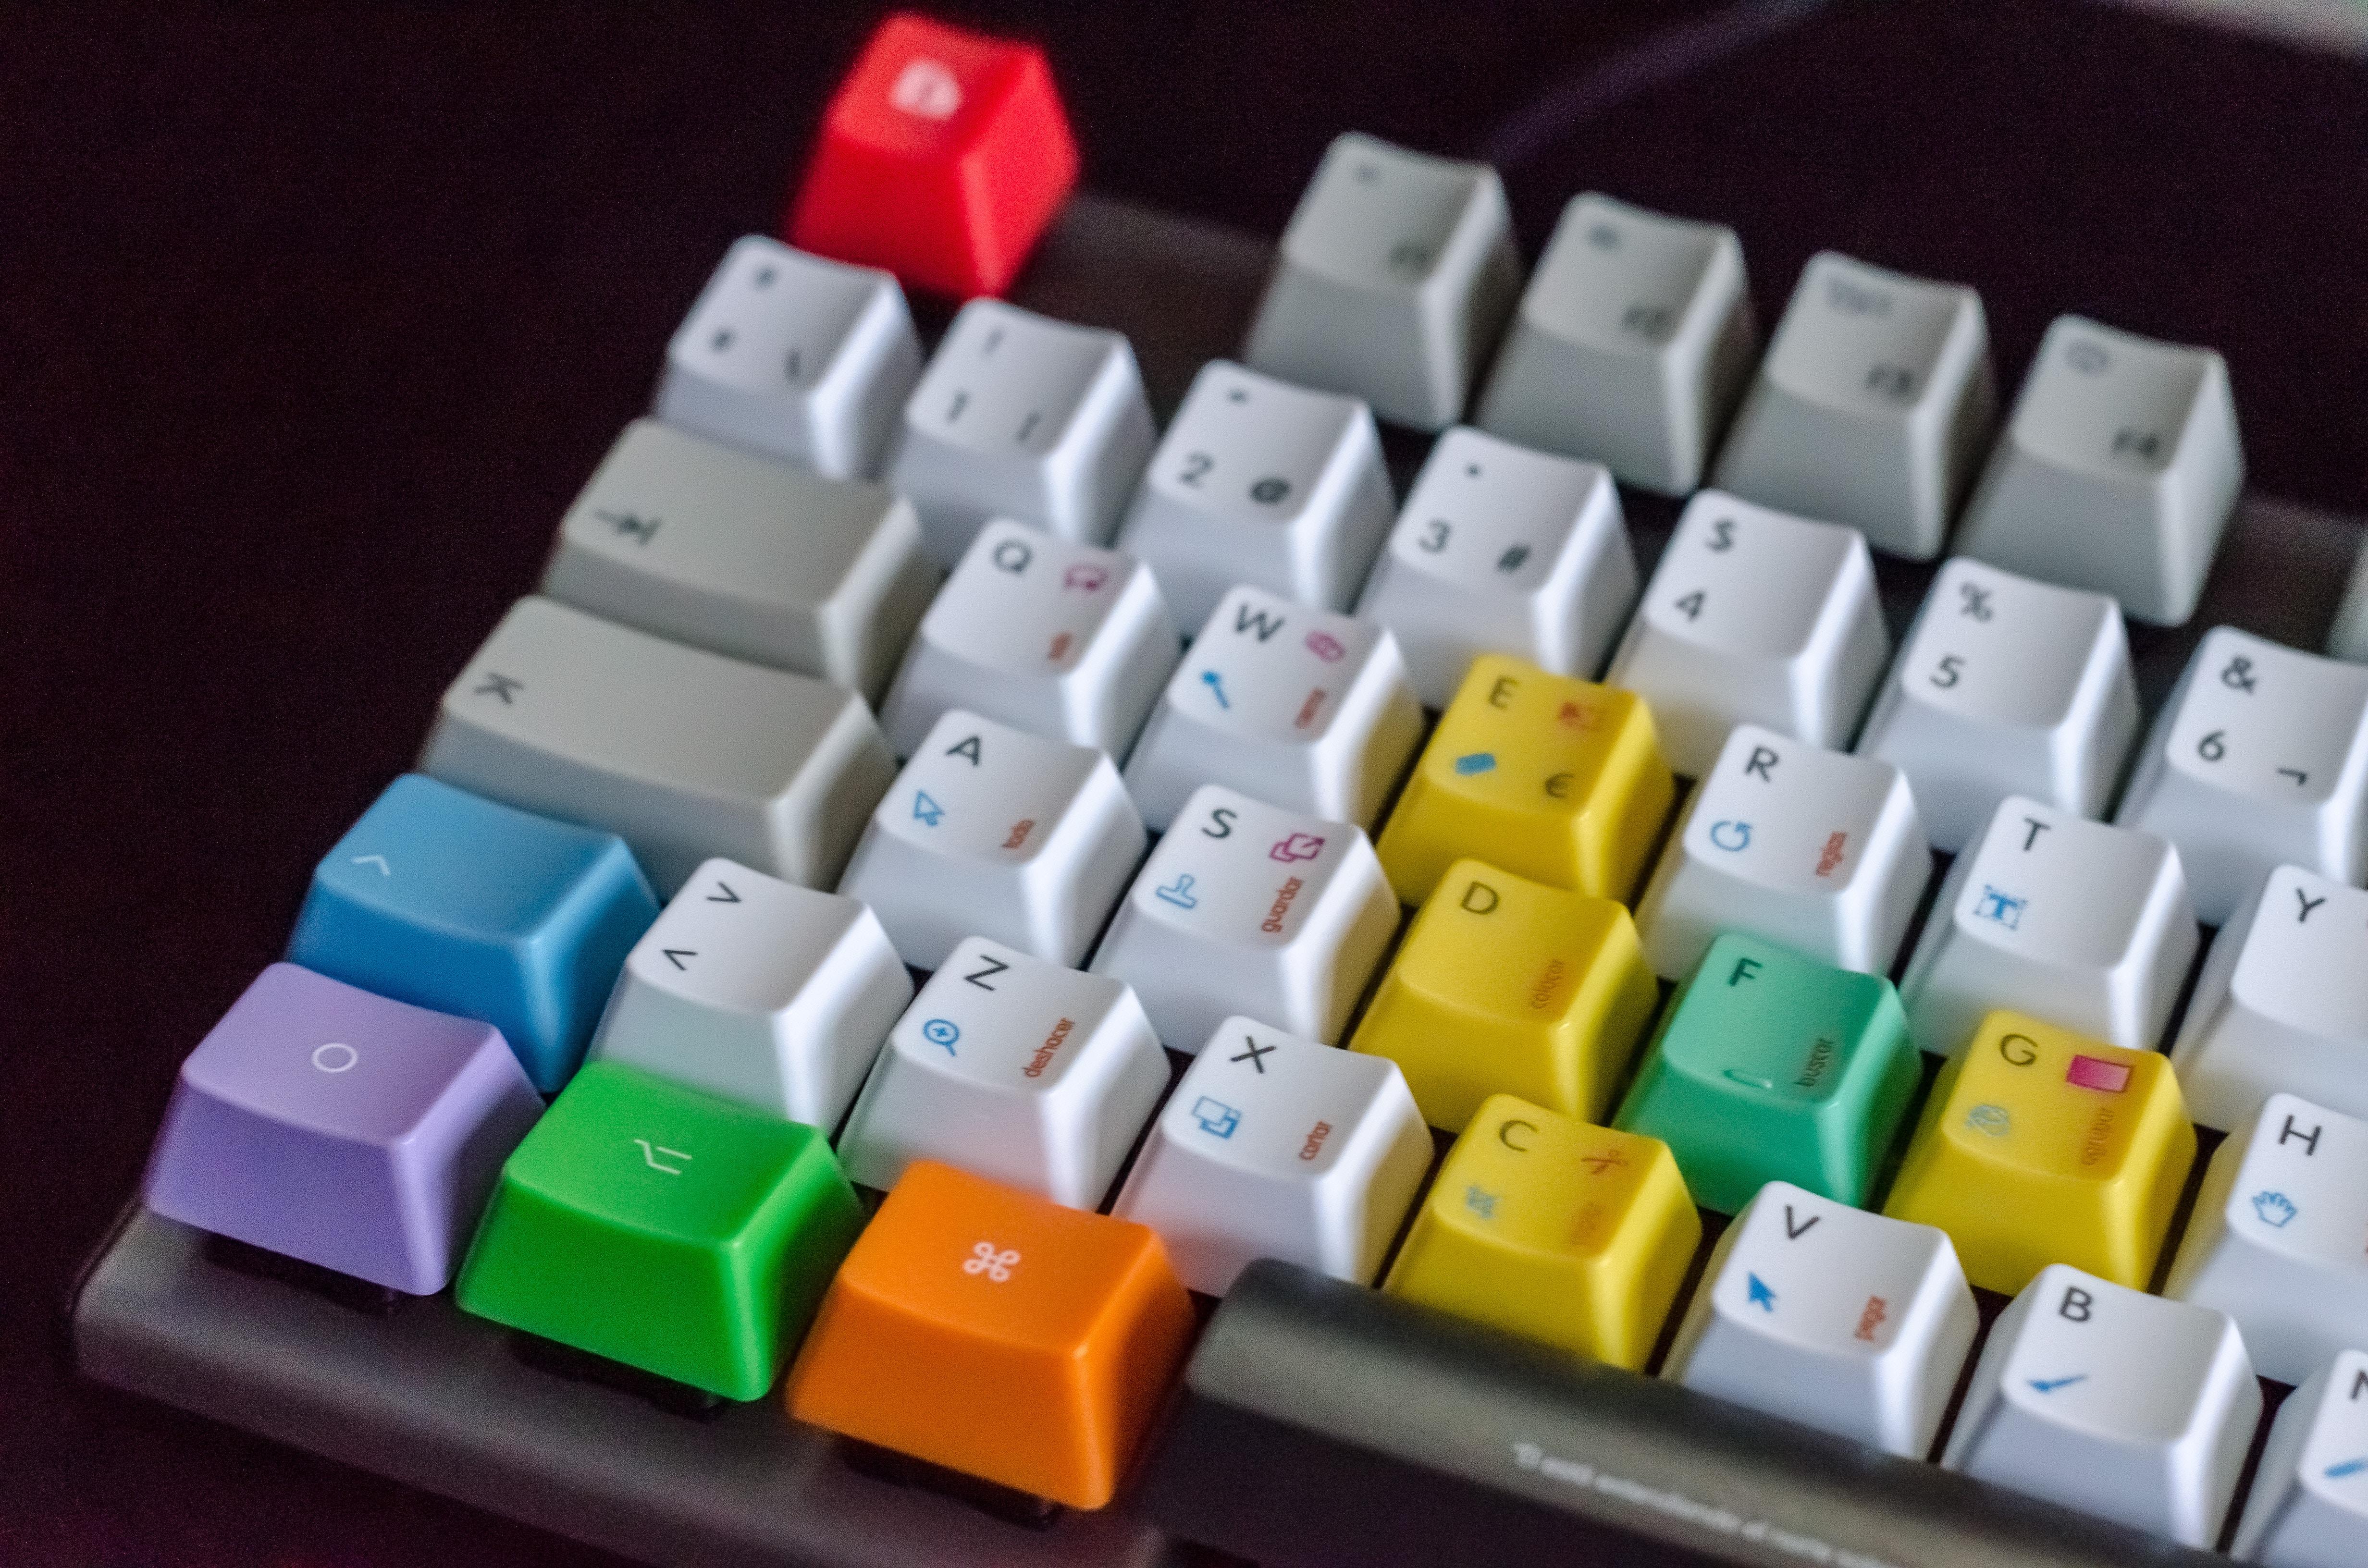 Keyboard med Forskelligfarvede Taster